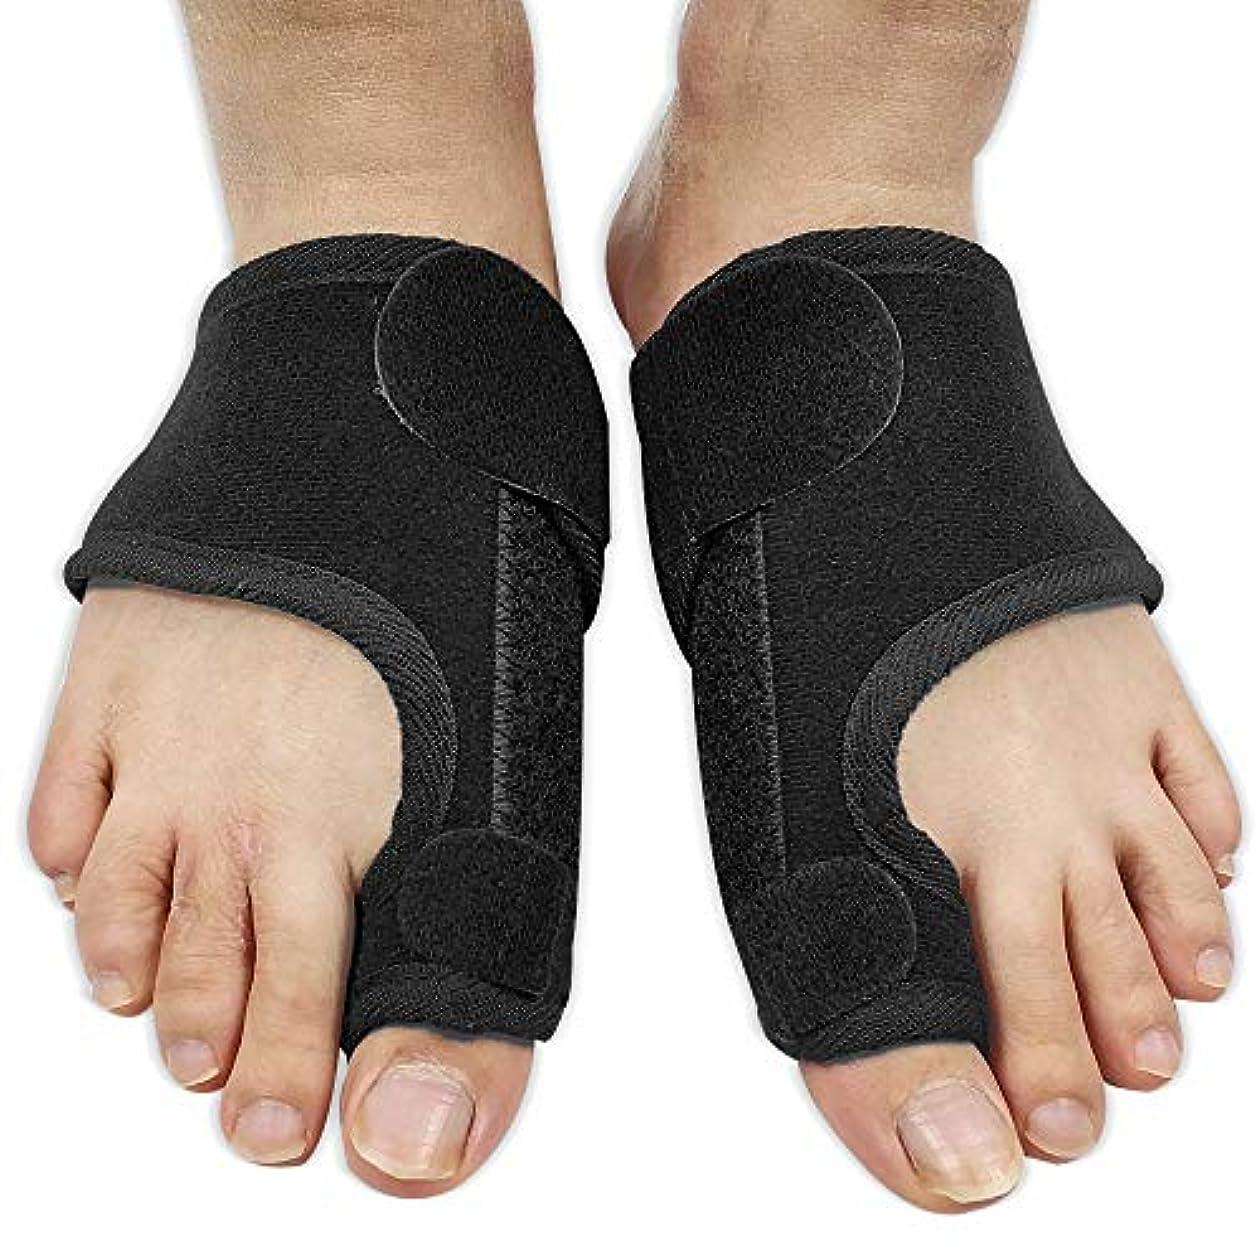 火曜日腹部アルバムバニオンコレクターおよびバニオンリリーフ整形外科用ビッグトゥストレートナーは、外反母趾を治療し、予防する(ワンサイズ)